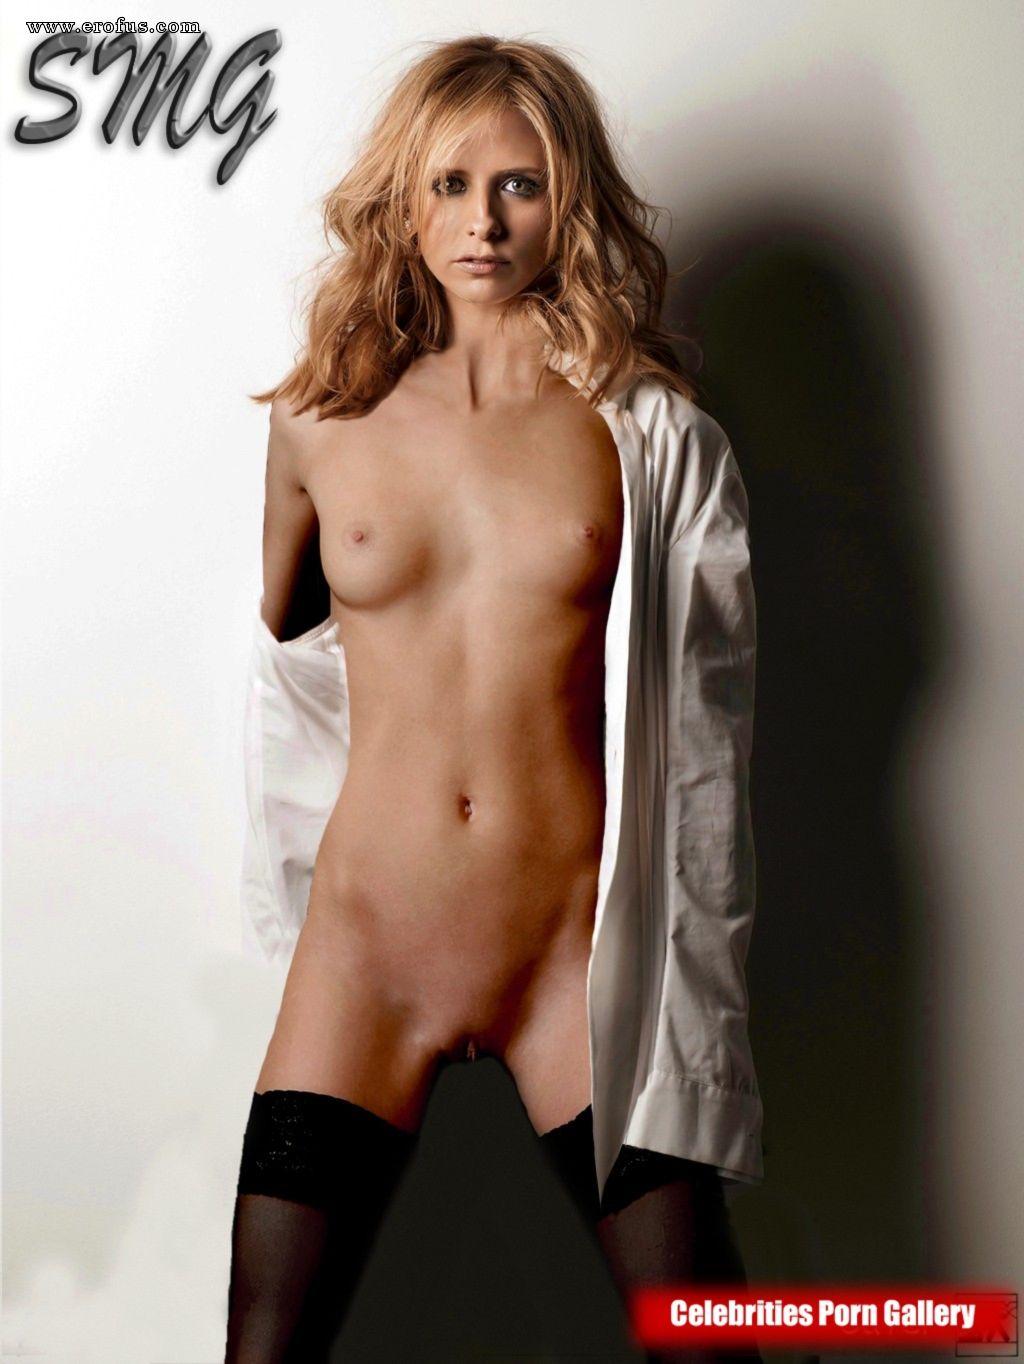 Sarah michelle gellar nudes